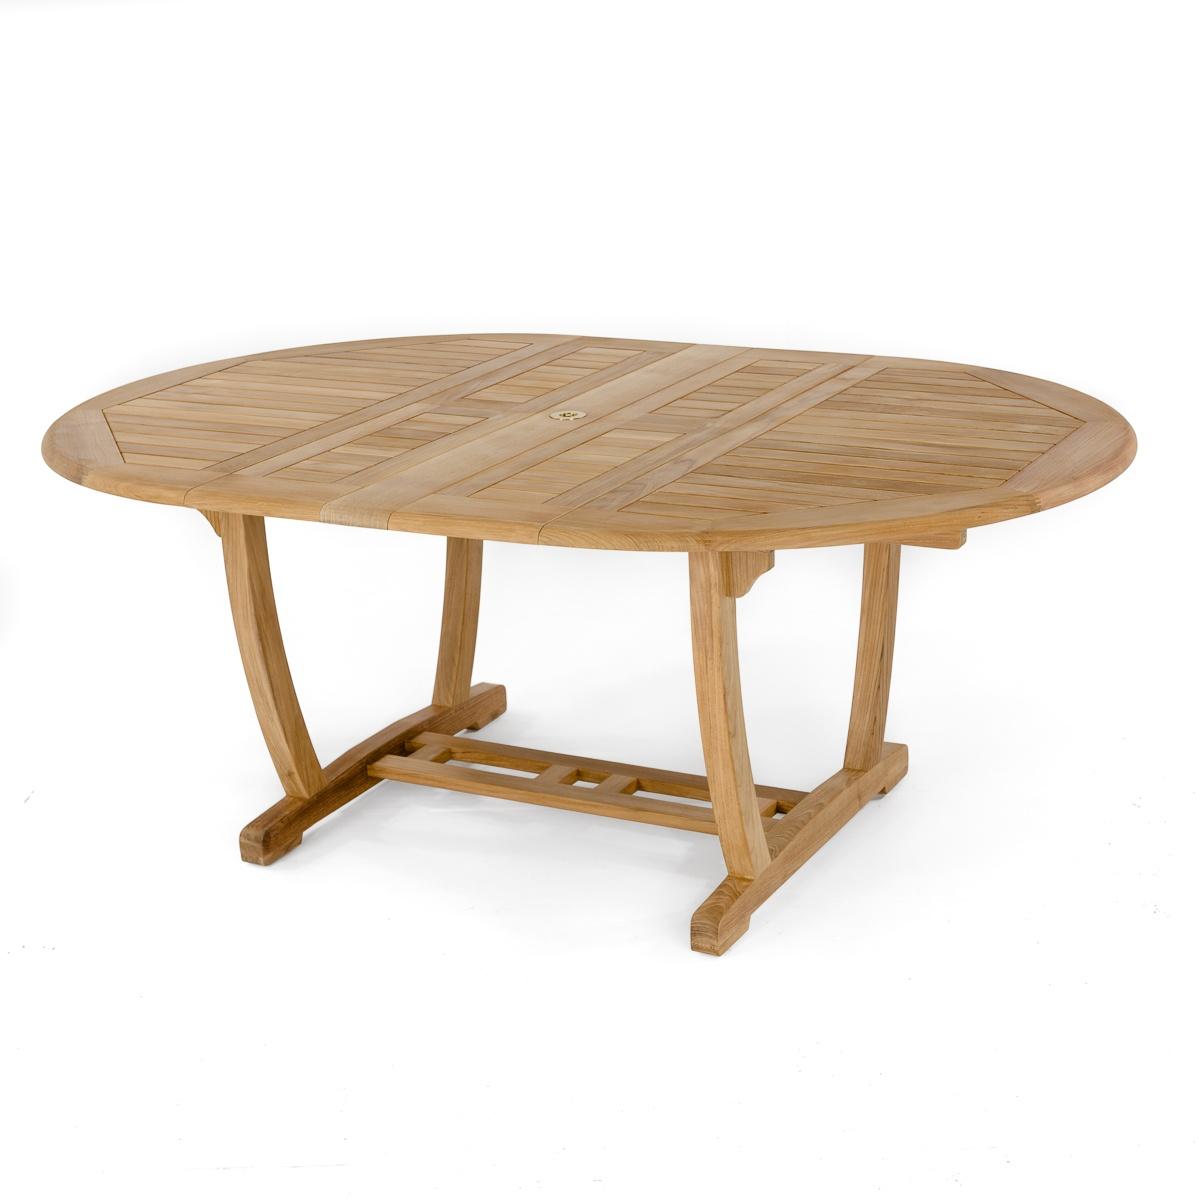 Teak Dining Set For 6 Westminster Teak Outdoor Furniture